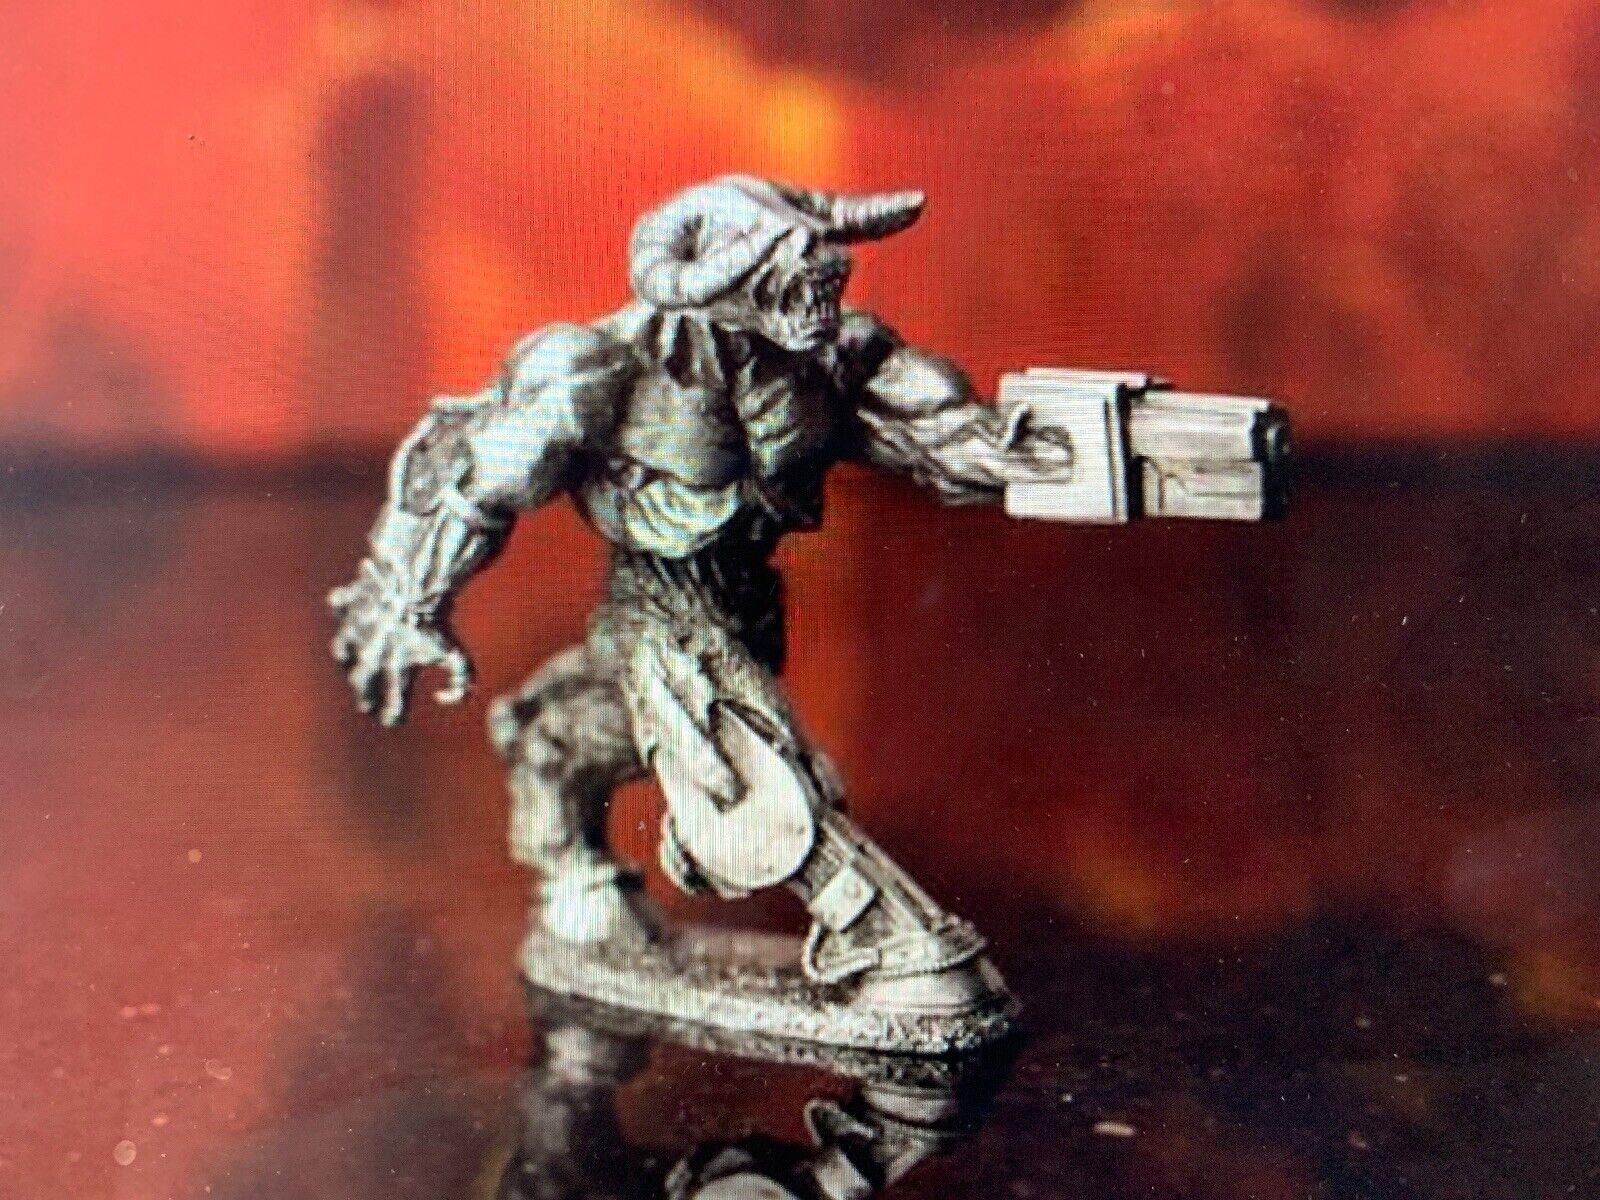 Doom Reaper Reaper Reaper Cyber Demon Miniature Lead Free Pewter Figure LOOSE - NEW Bethesda 1595de